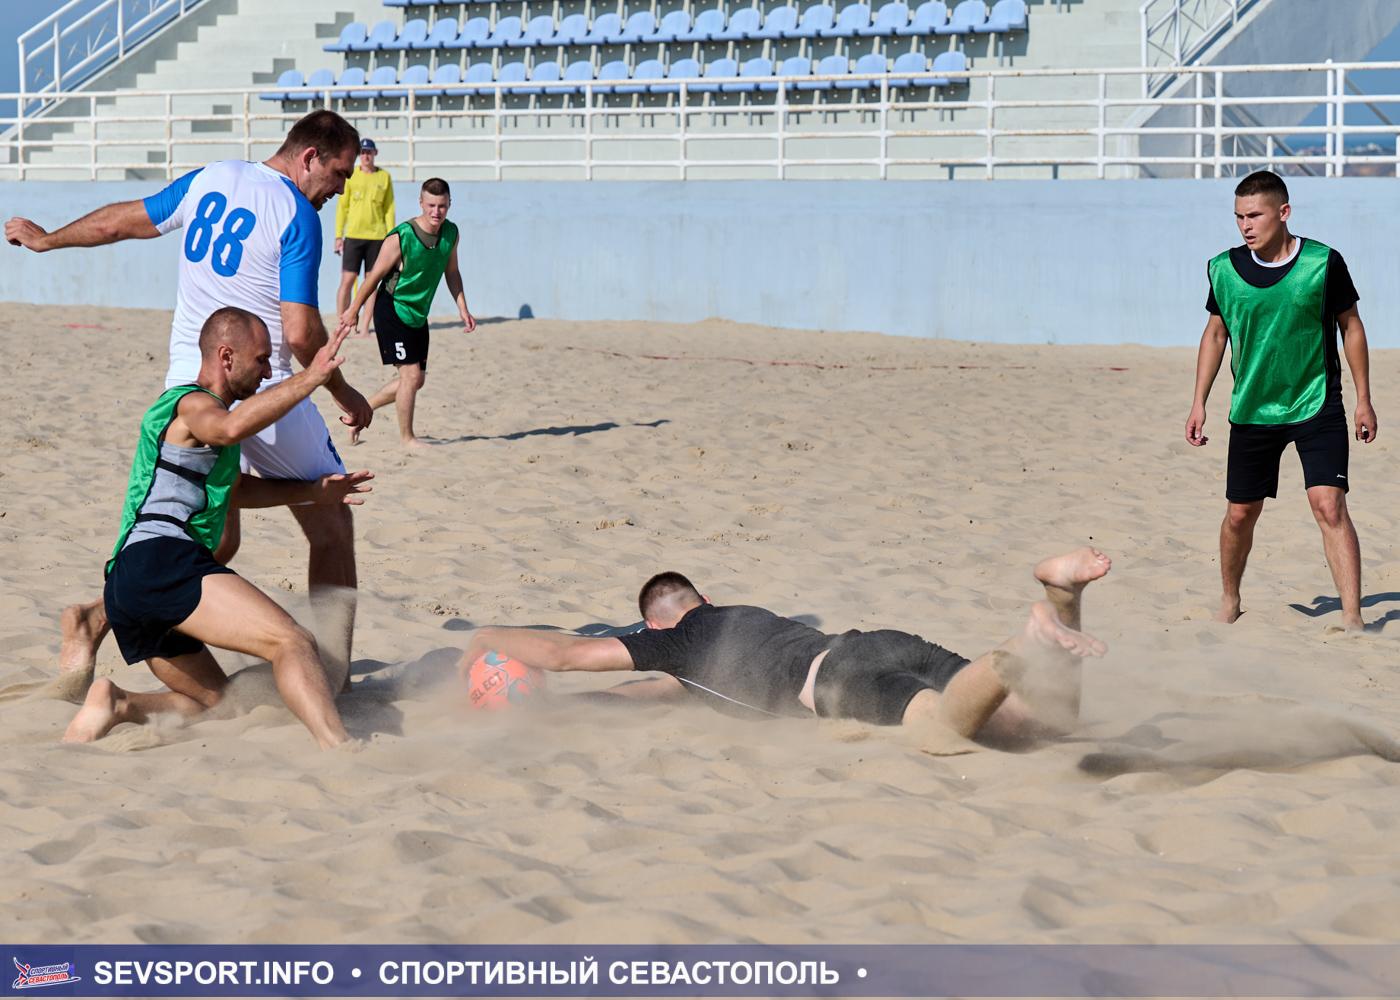 Стартовал Кубок Губернатора Севастополя по пляжному футболу 2021